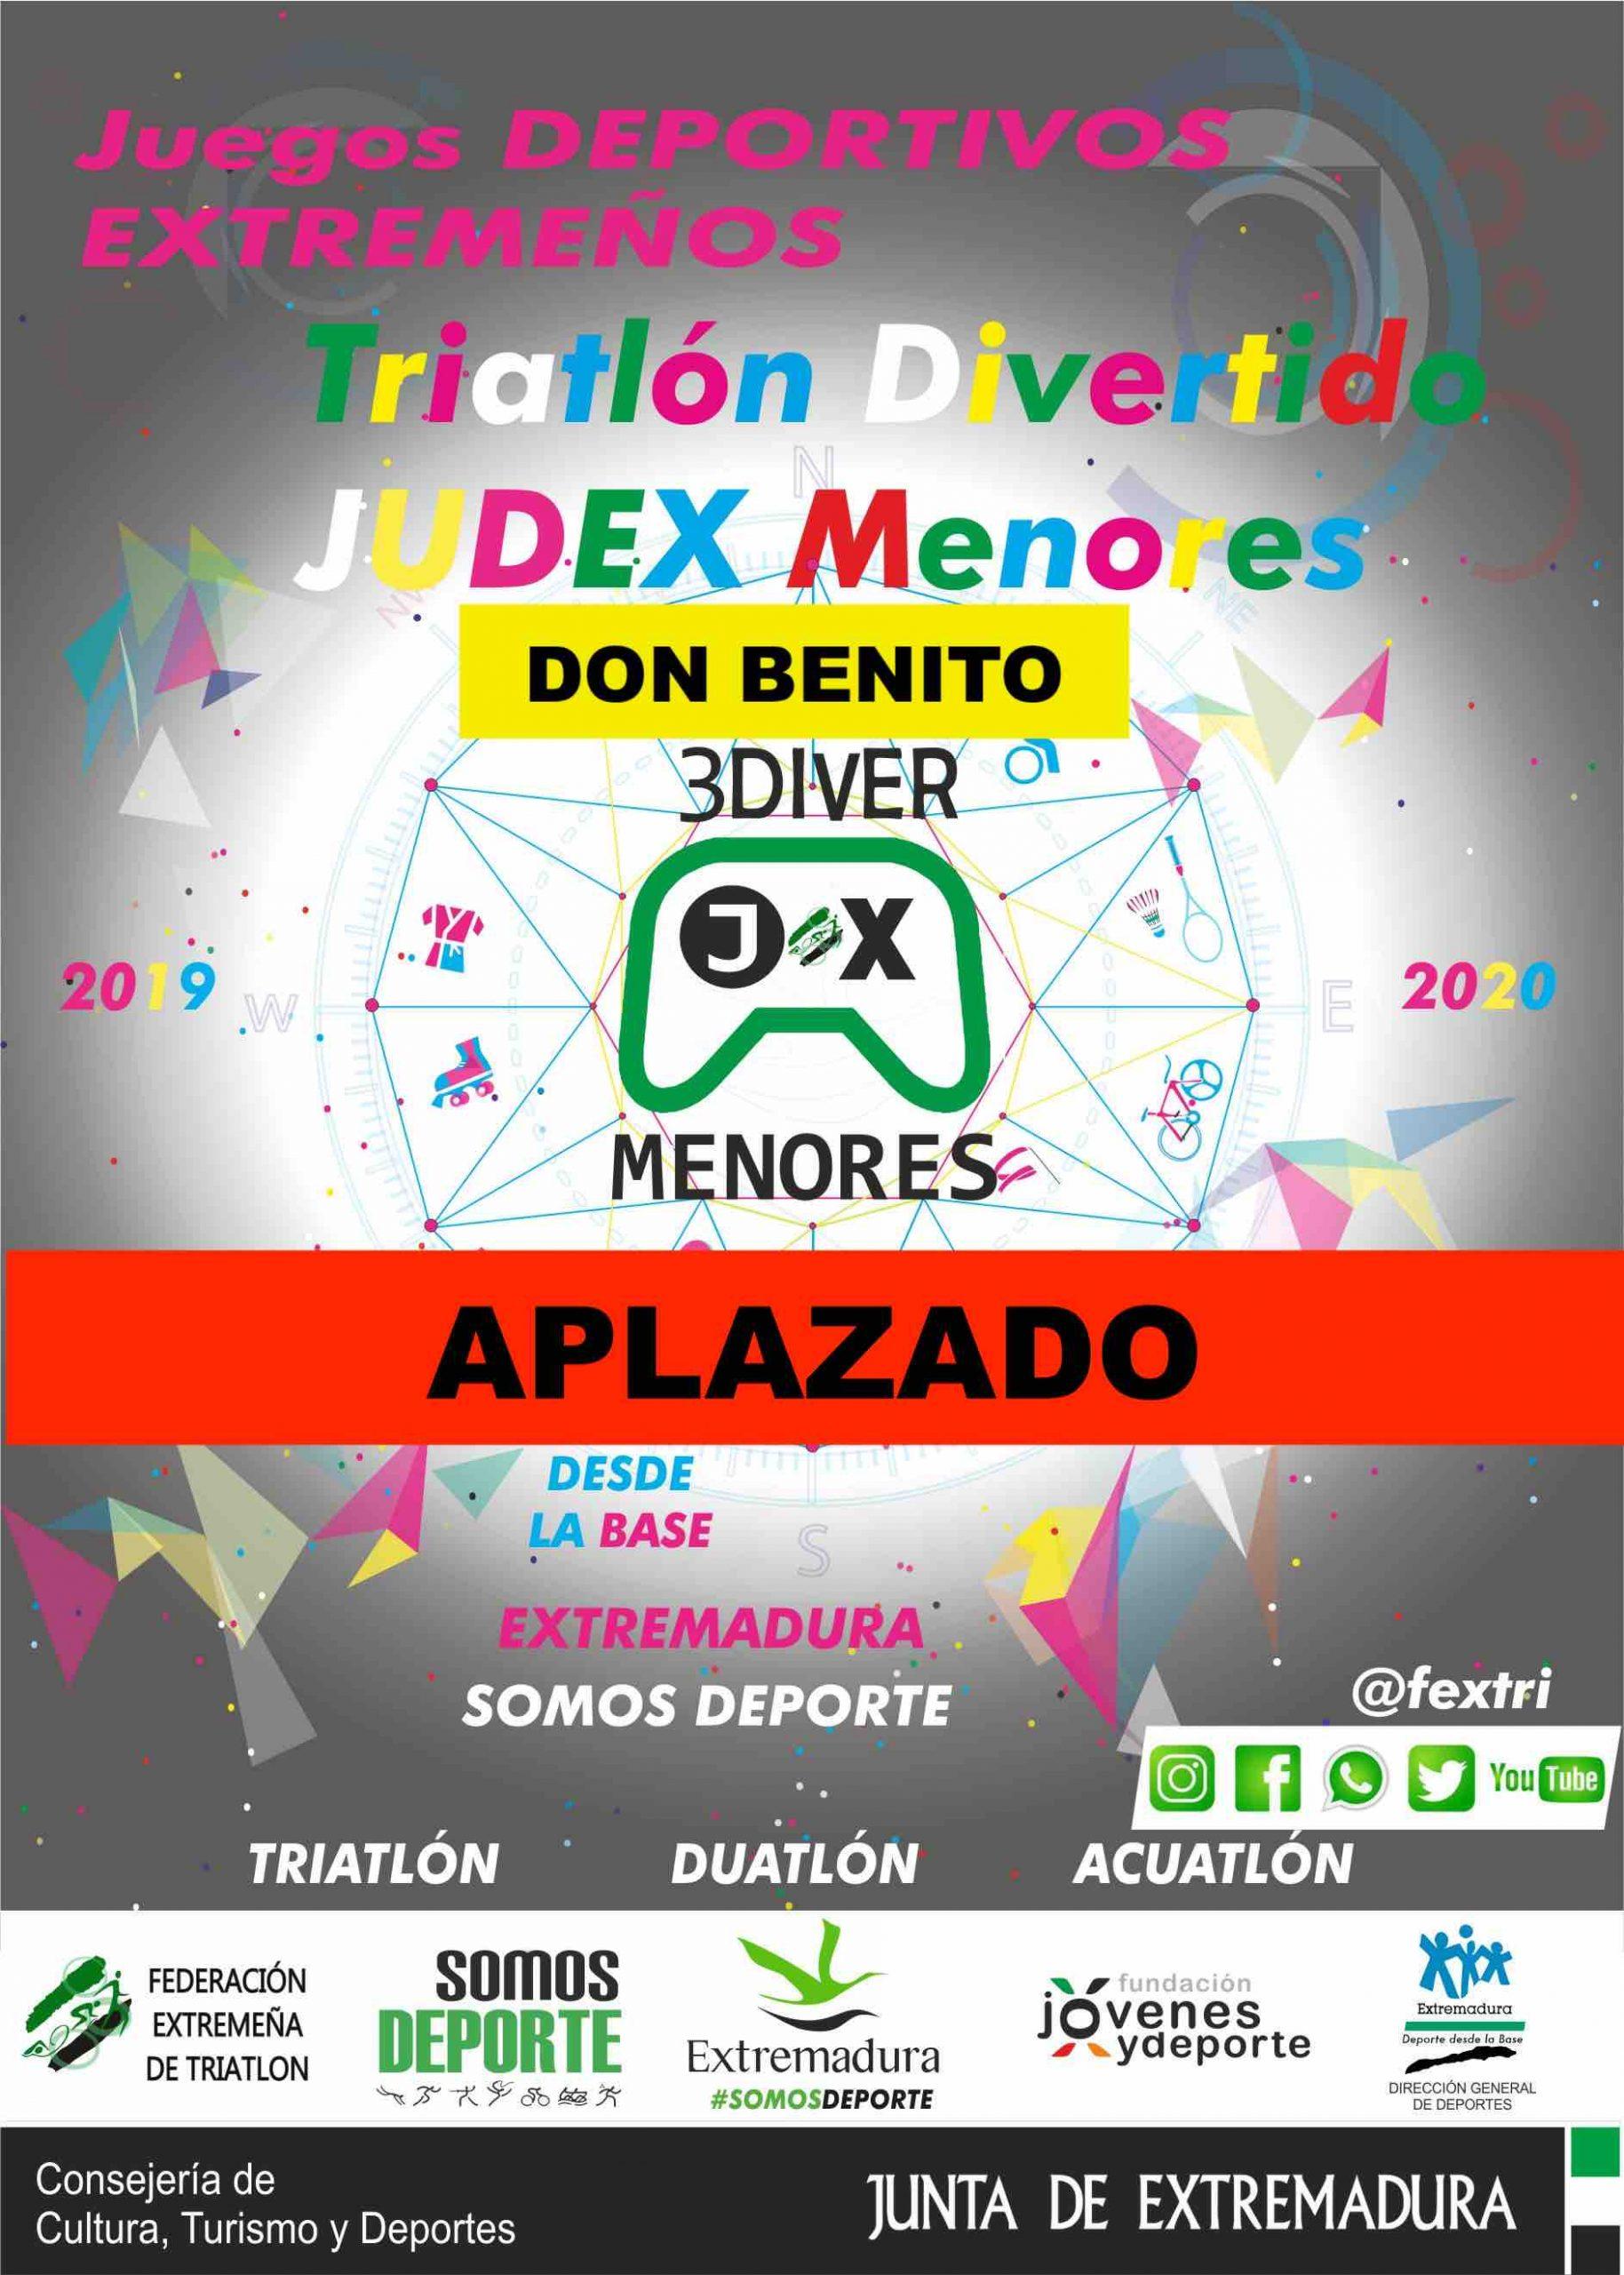 4ª Jornada Triatlón Divertido Judex Menores 2019/2020